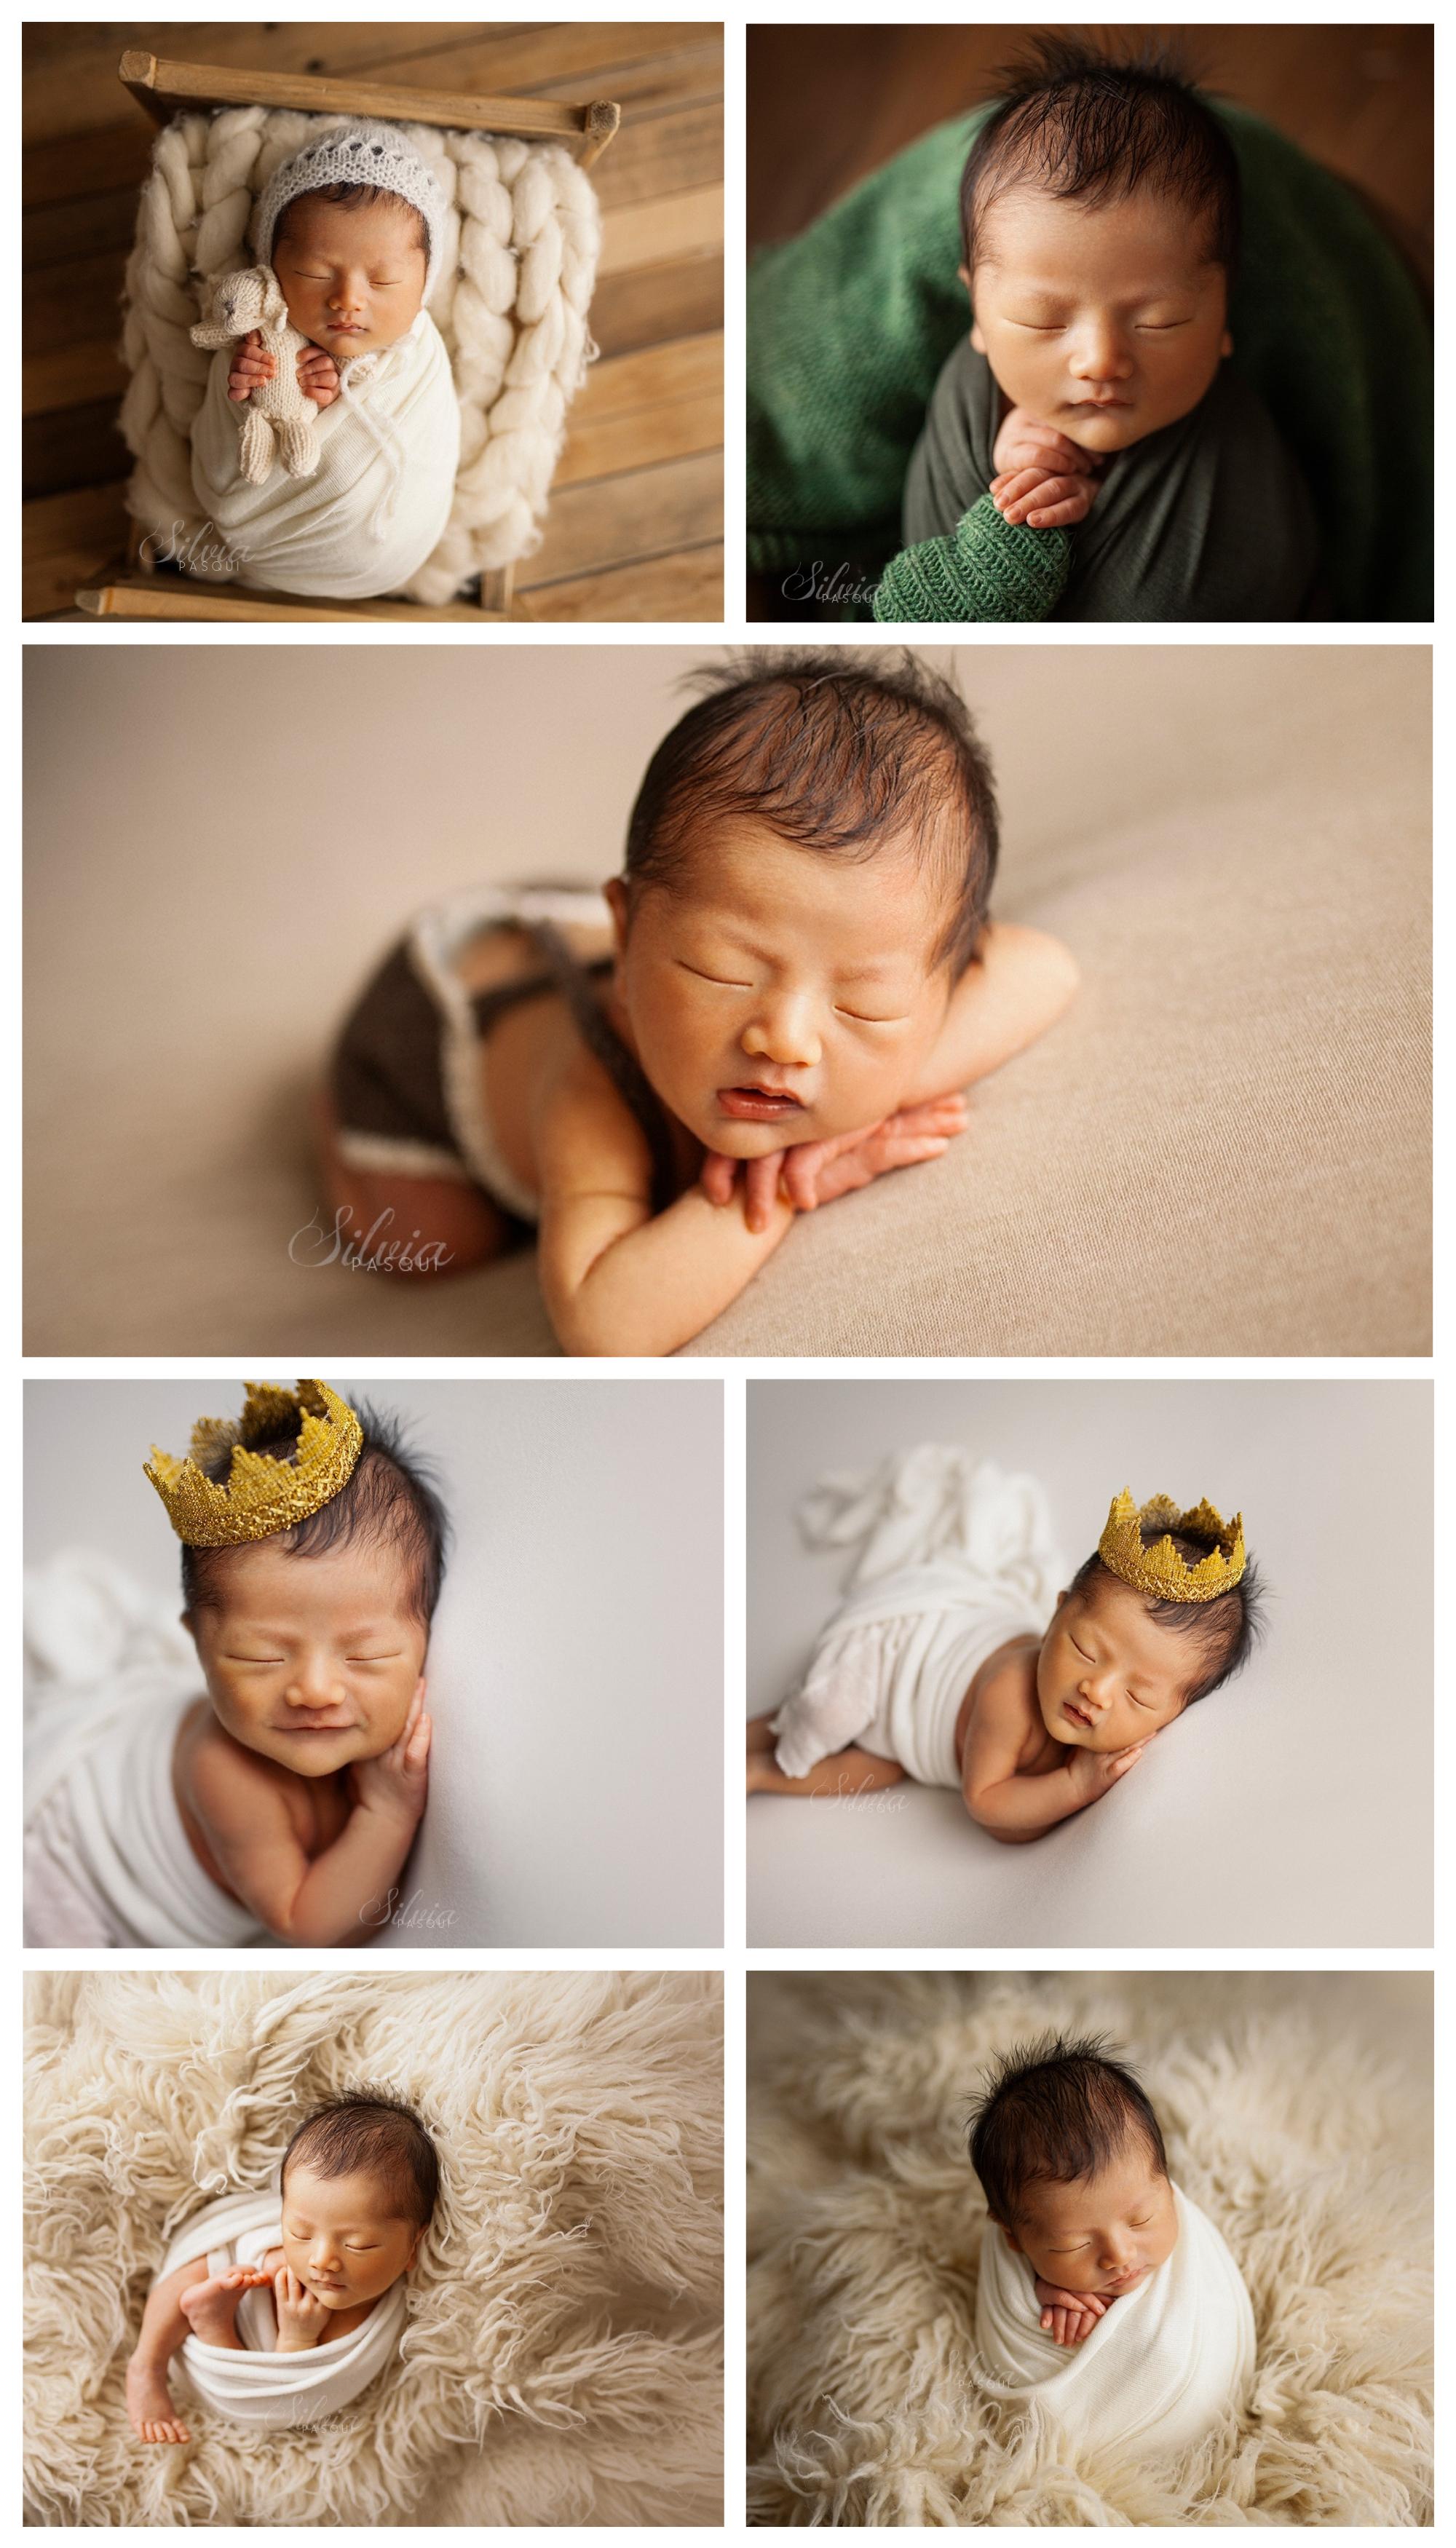 miglior fotografo neonati